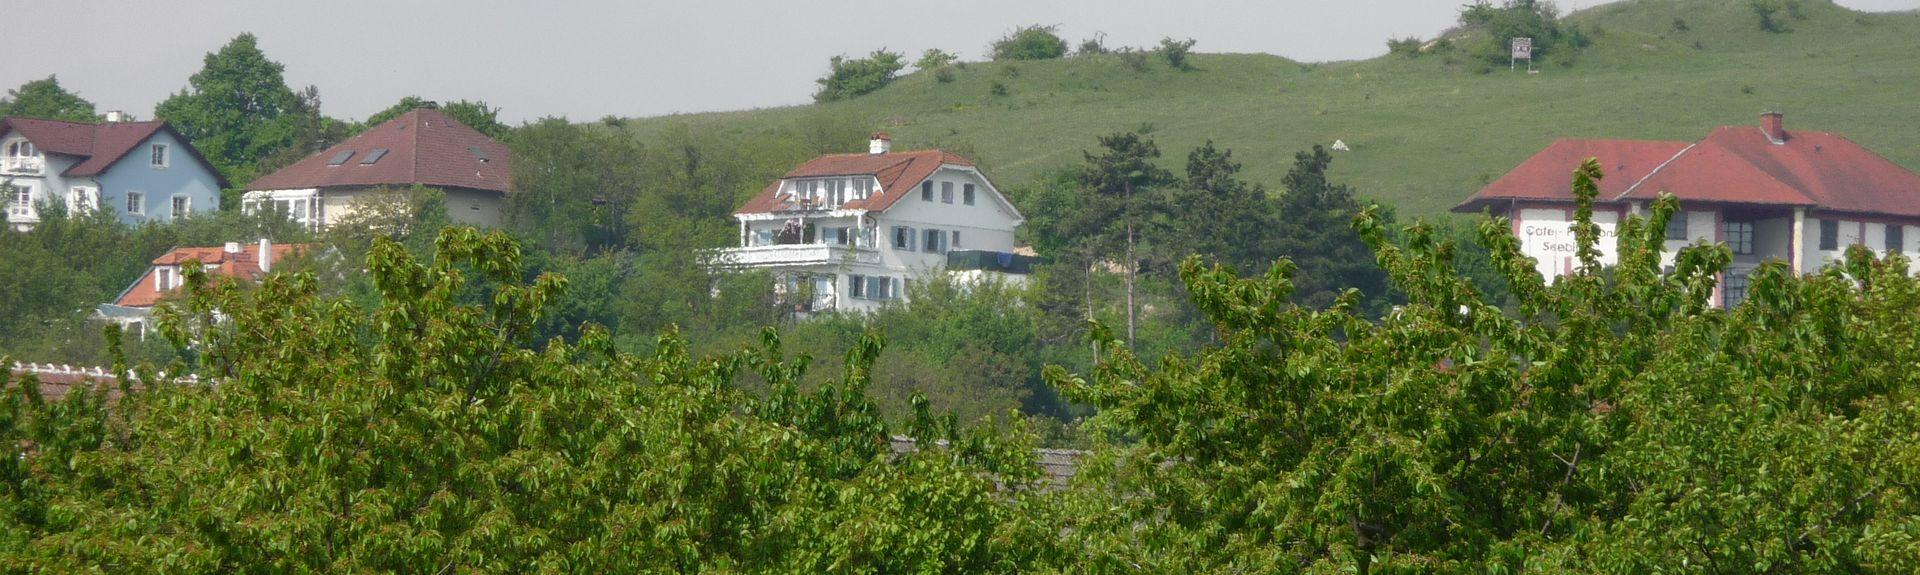 Ebreichsdorf, Baixa Áustria, Áustria